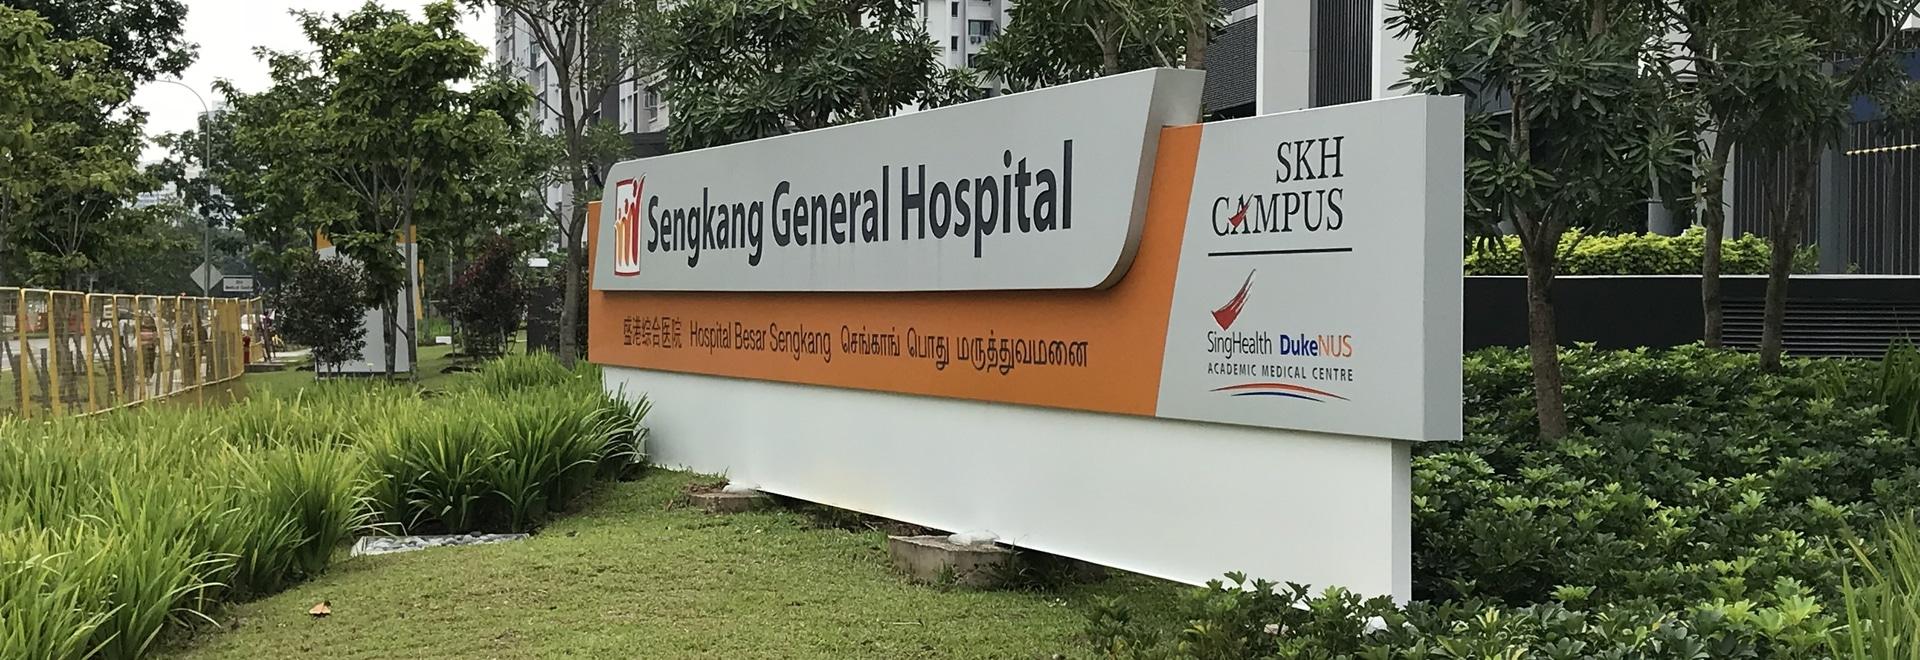 DADO CERAMICA A SINGAPOUR: QUALITÉ ET INNOVATION